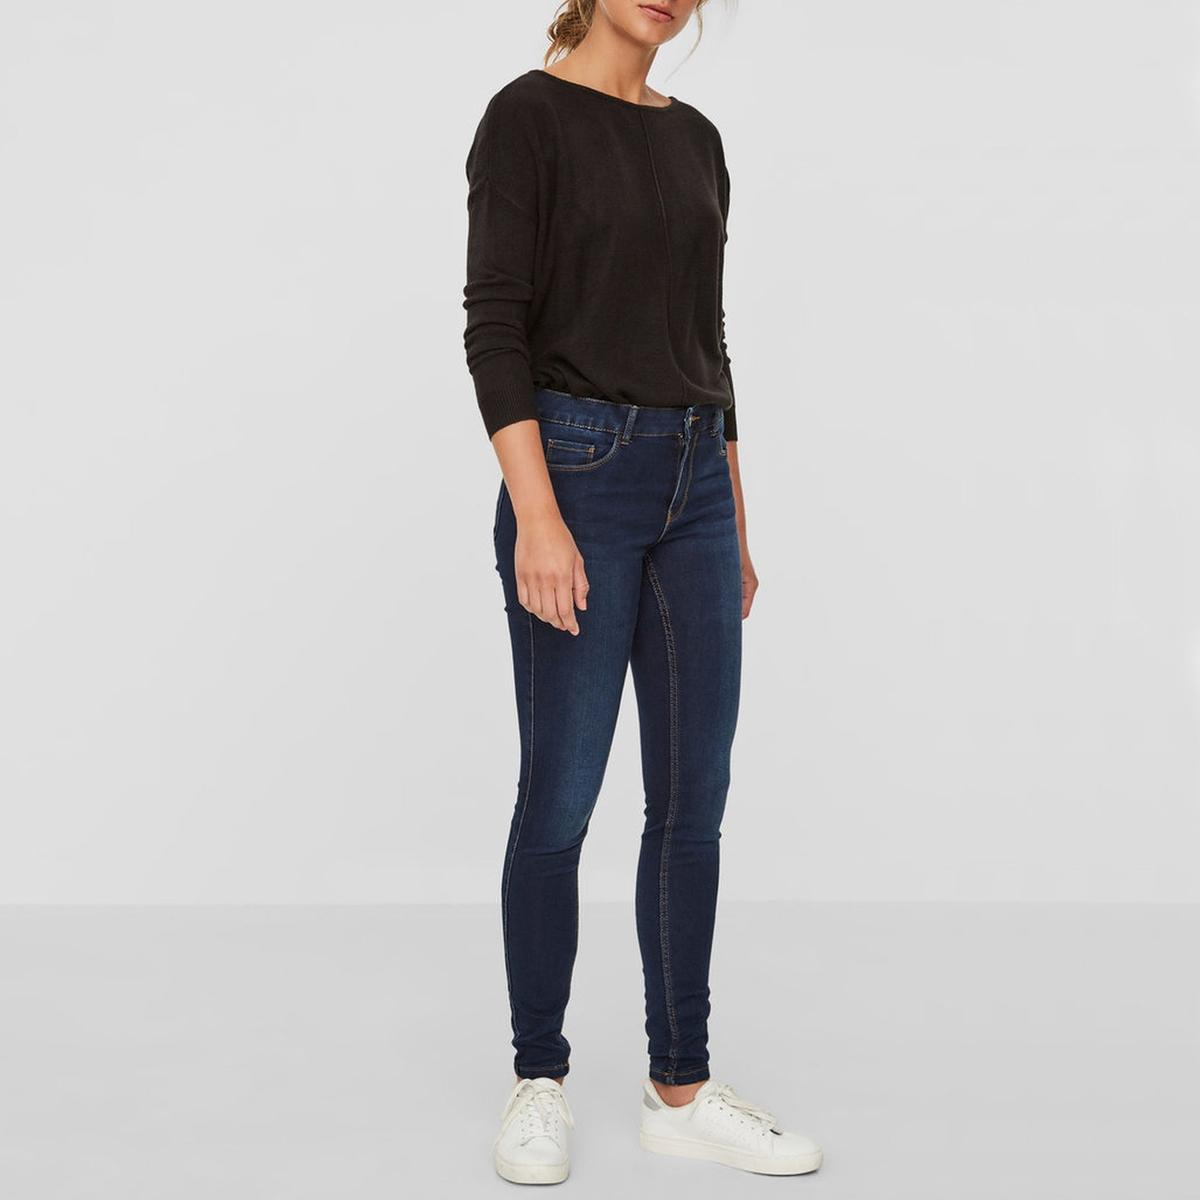 Джинсы скинни с эффектом пуш-ап, длина 30 джинсы скинни zeniah длина 32